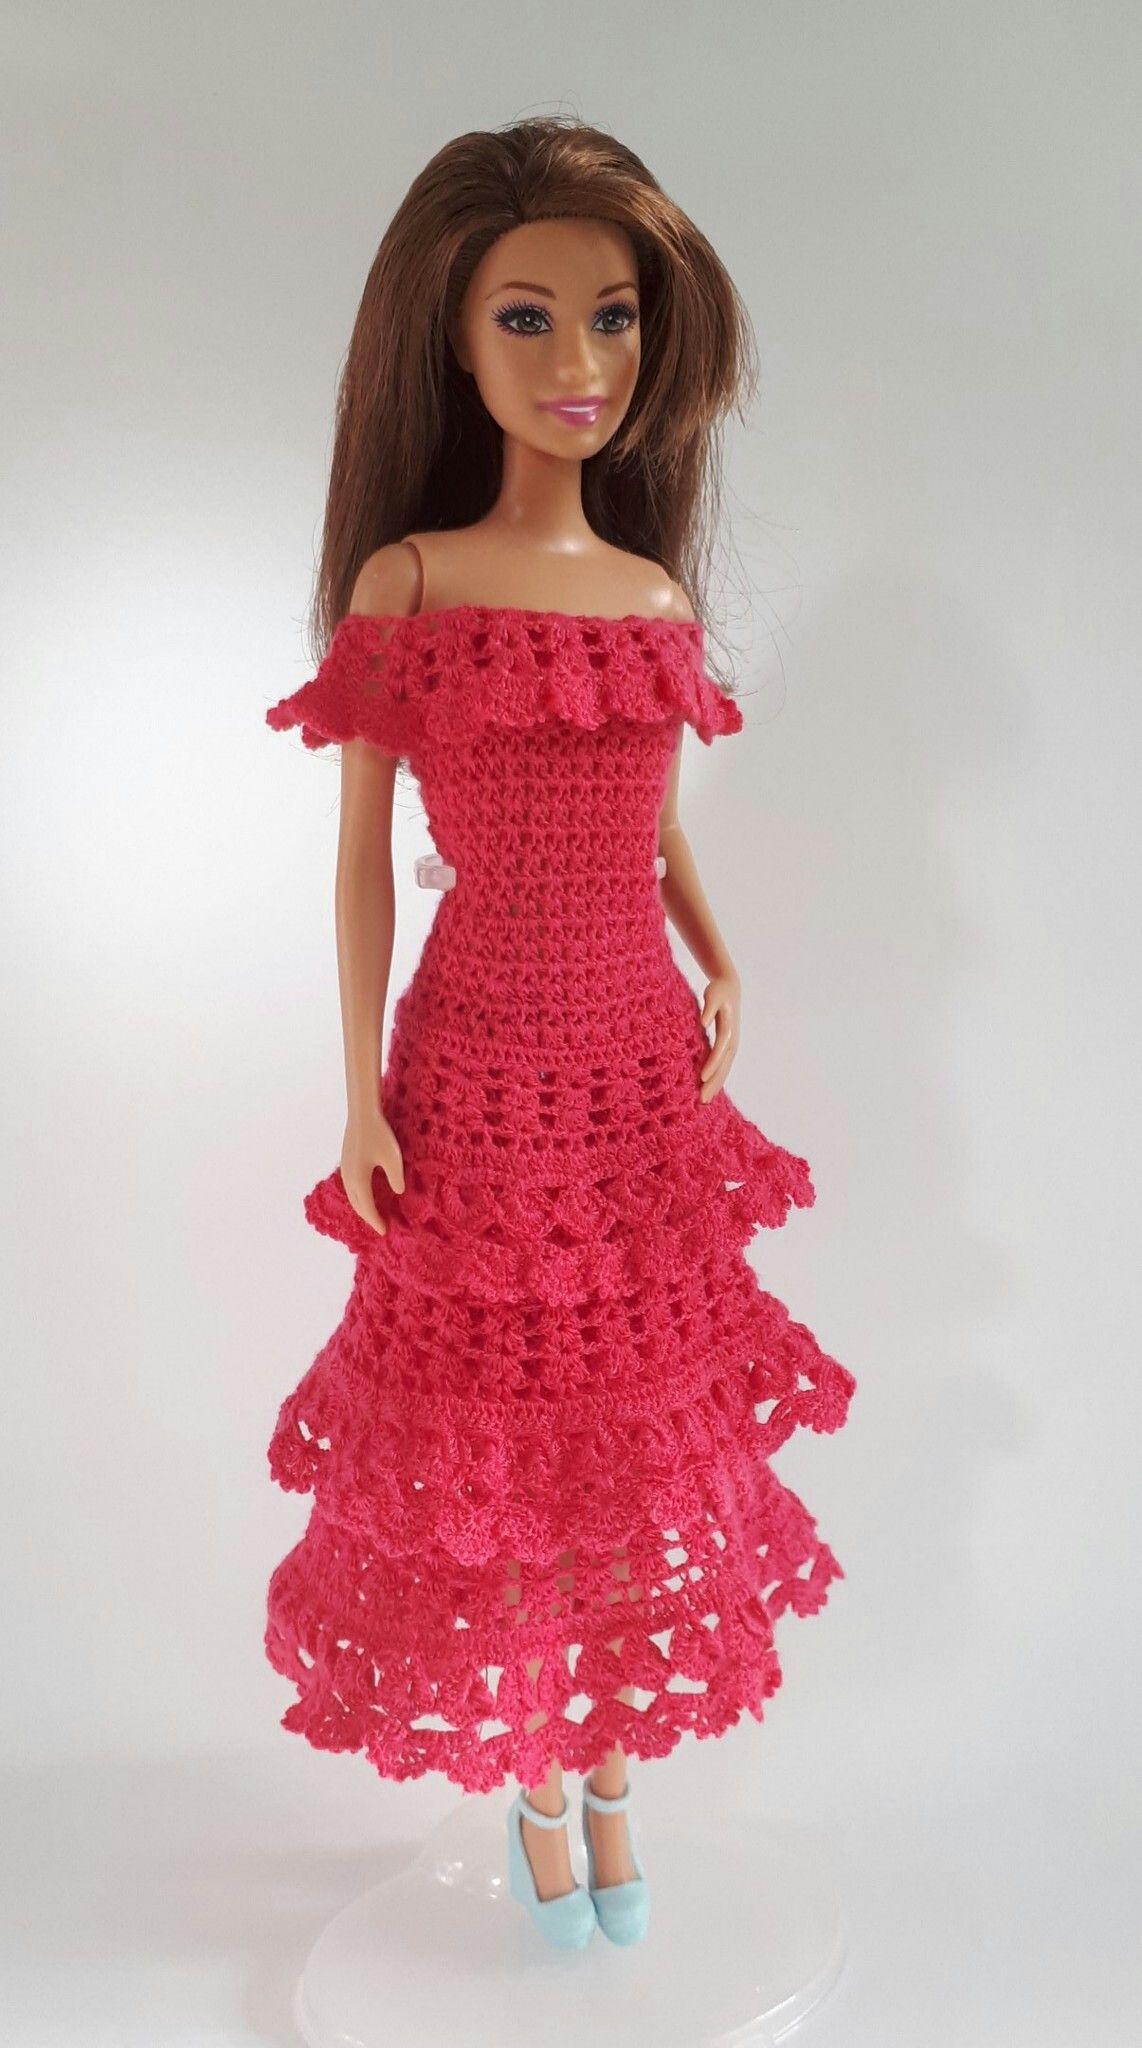 Pin von Rita Fuller auf Crochet   Pinterest   Barbie kleider, Barbie ...